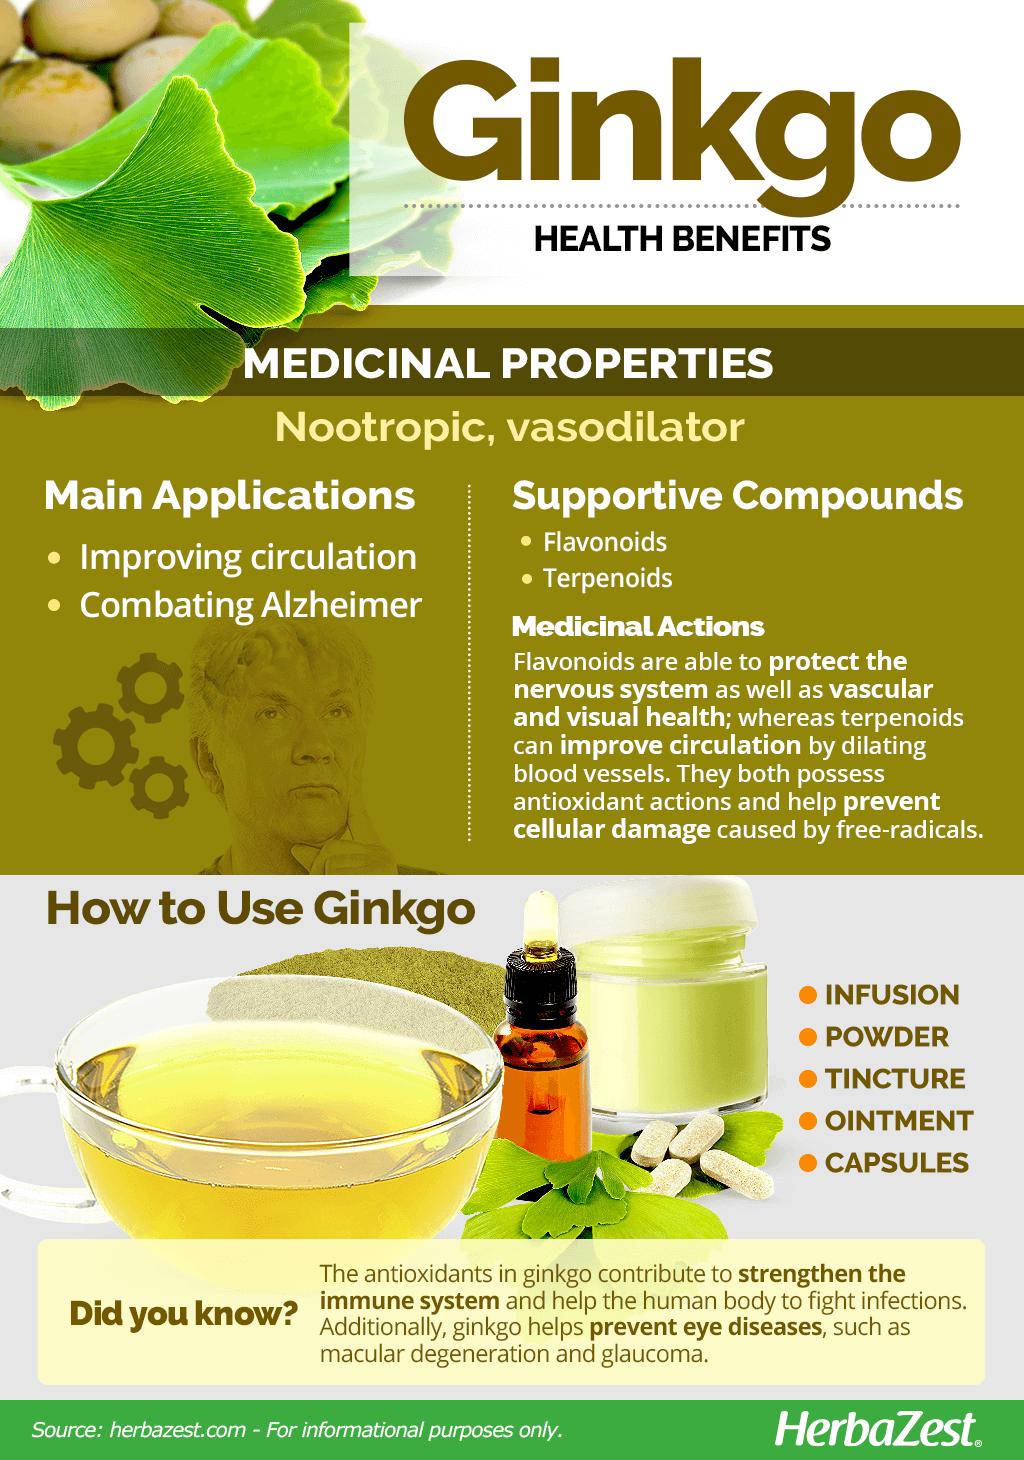 Ginkgo Benefits